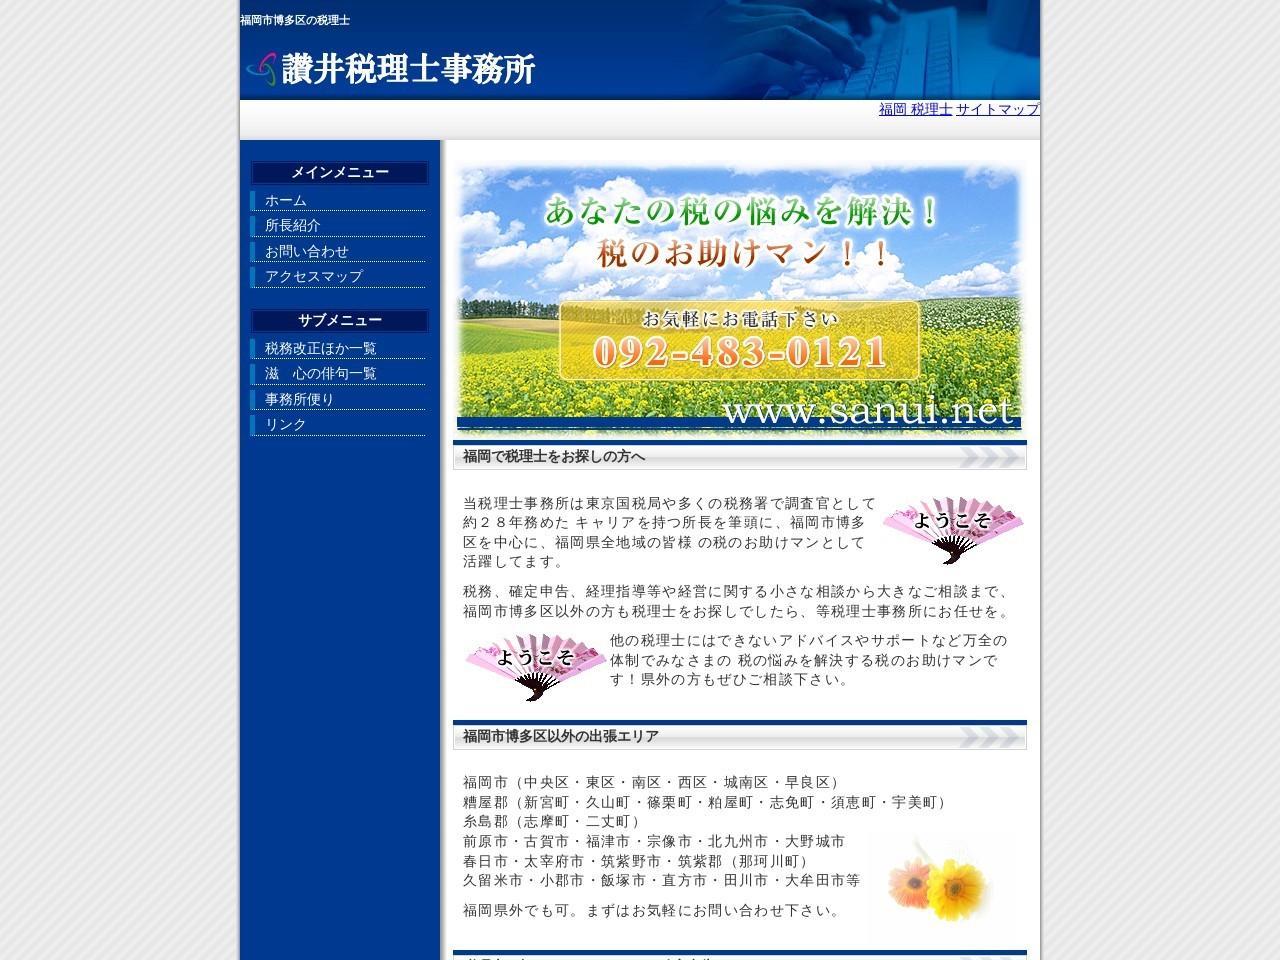 讃井滋税理士事務所